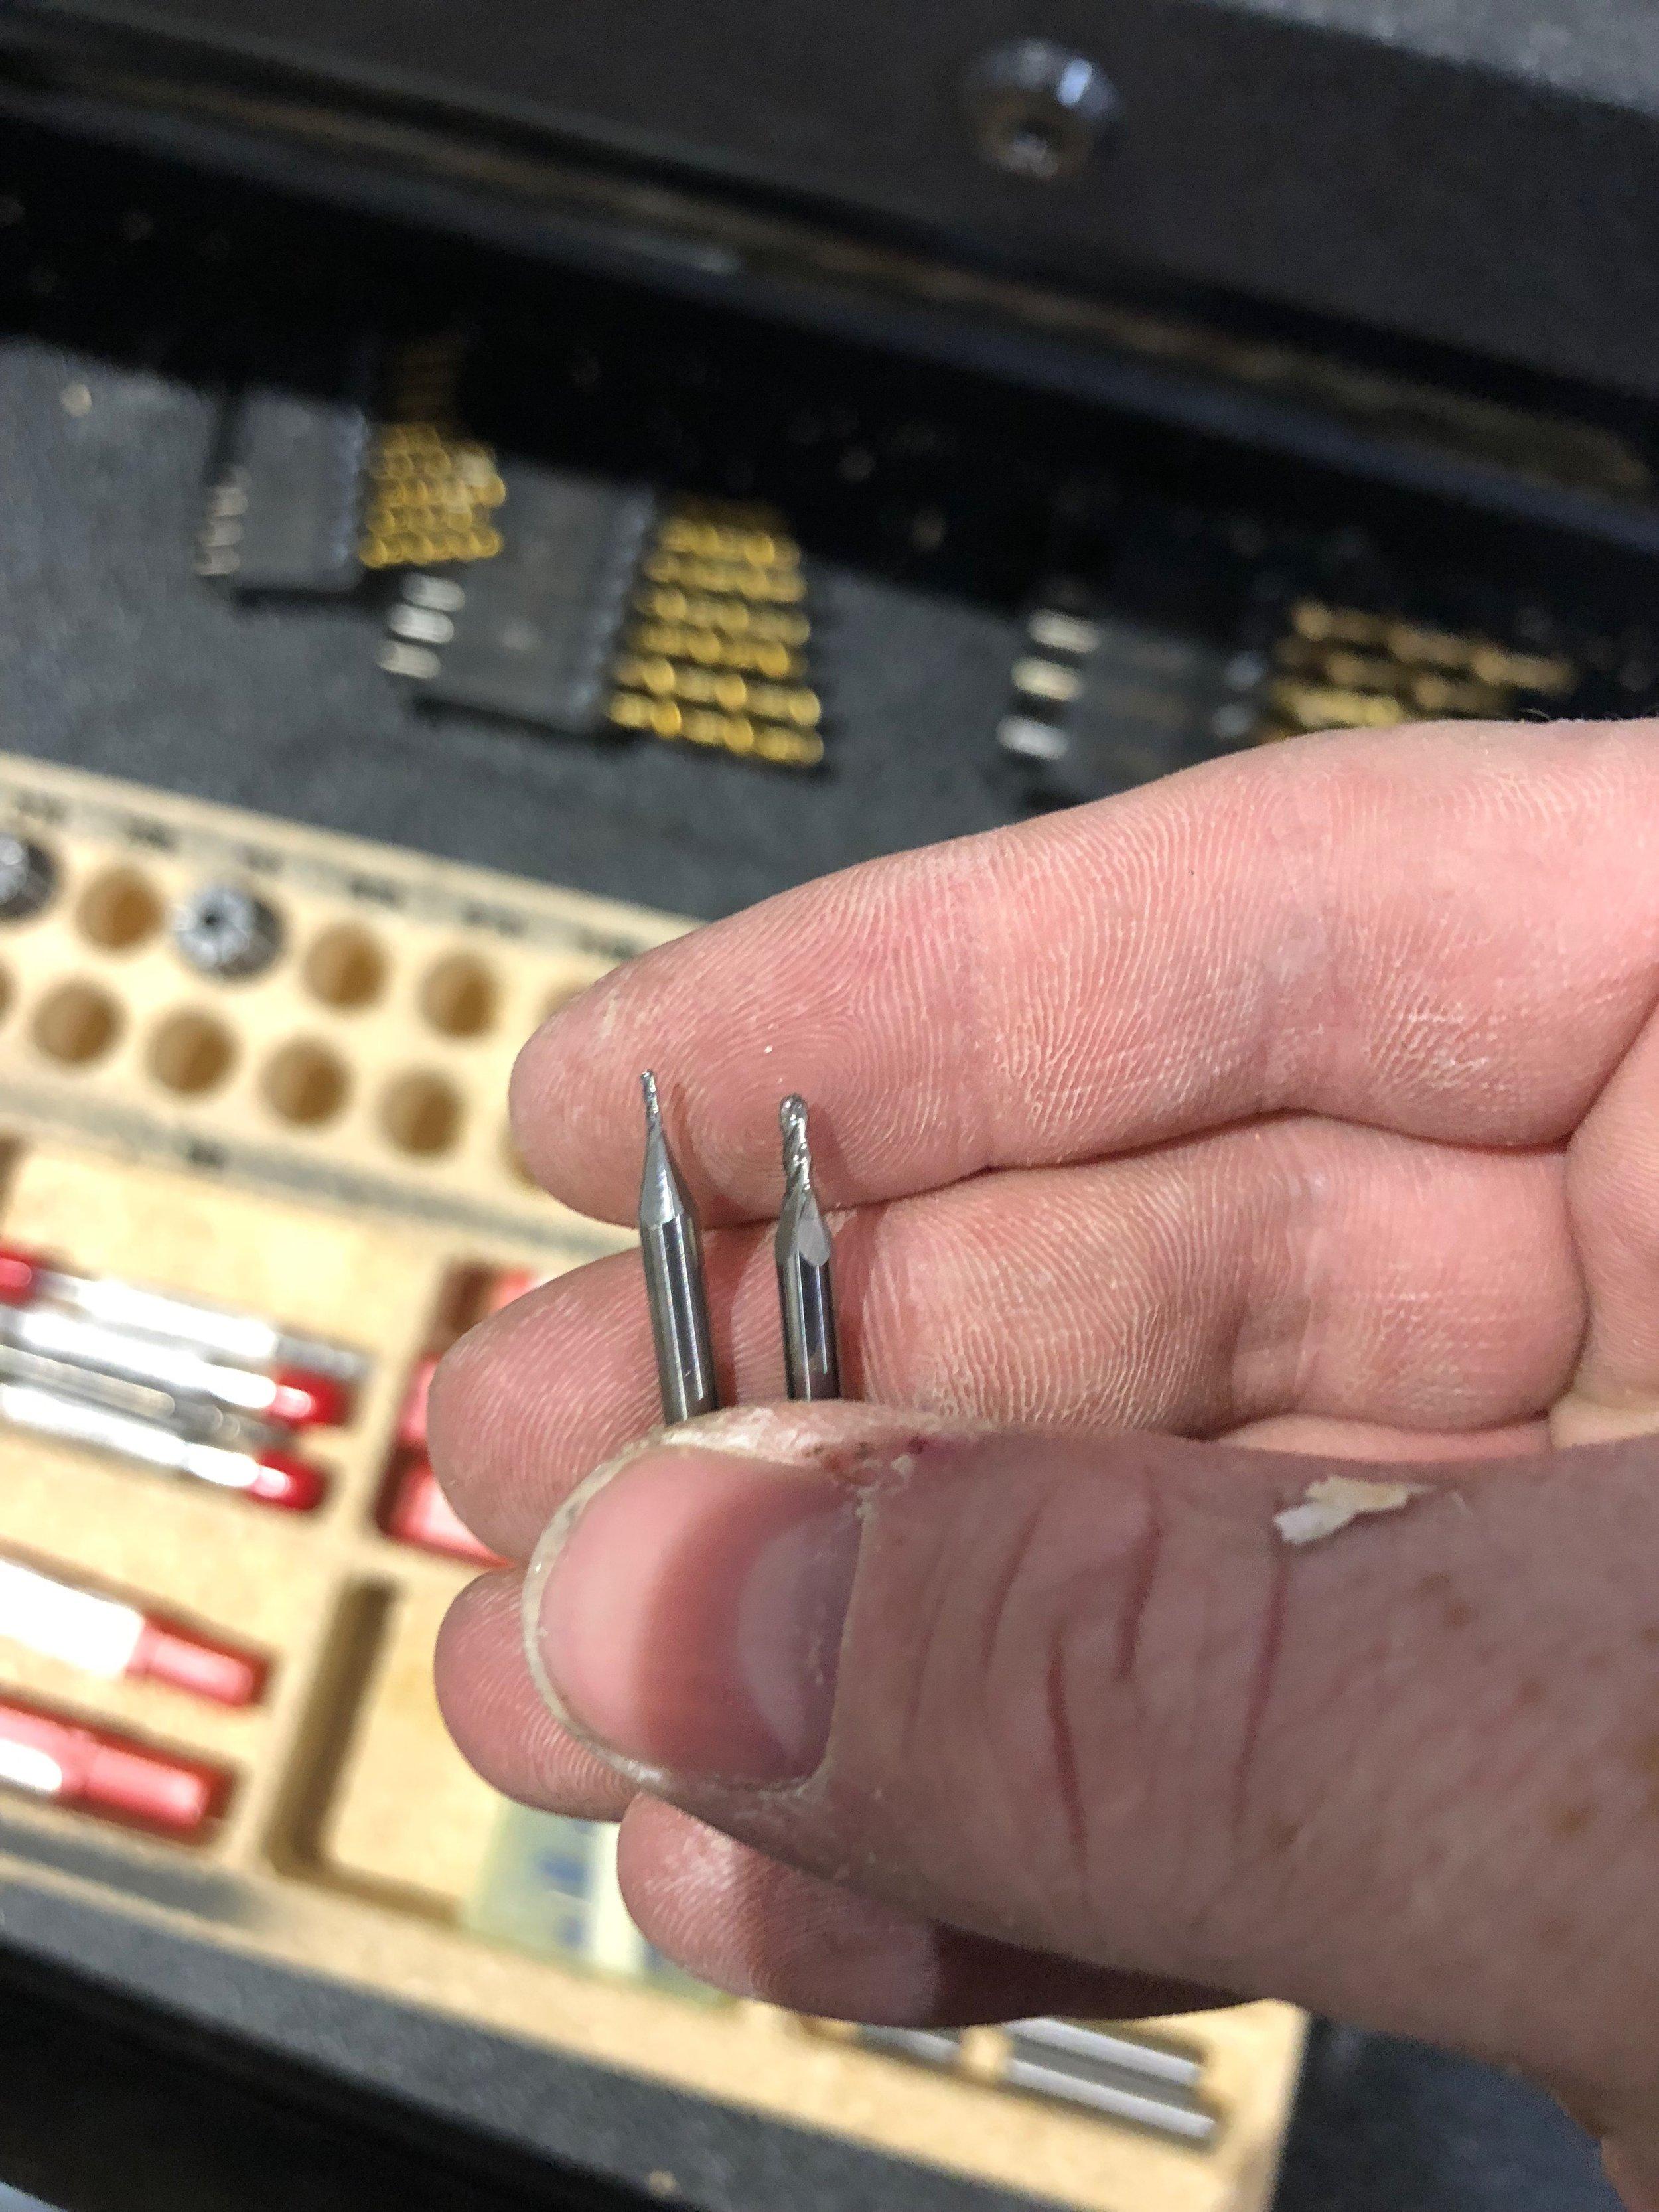 Small, but I didn't break them!